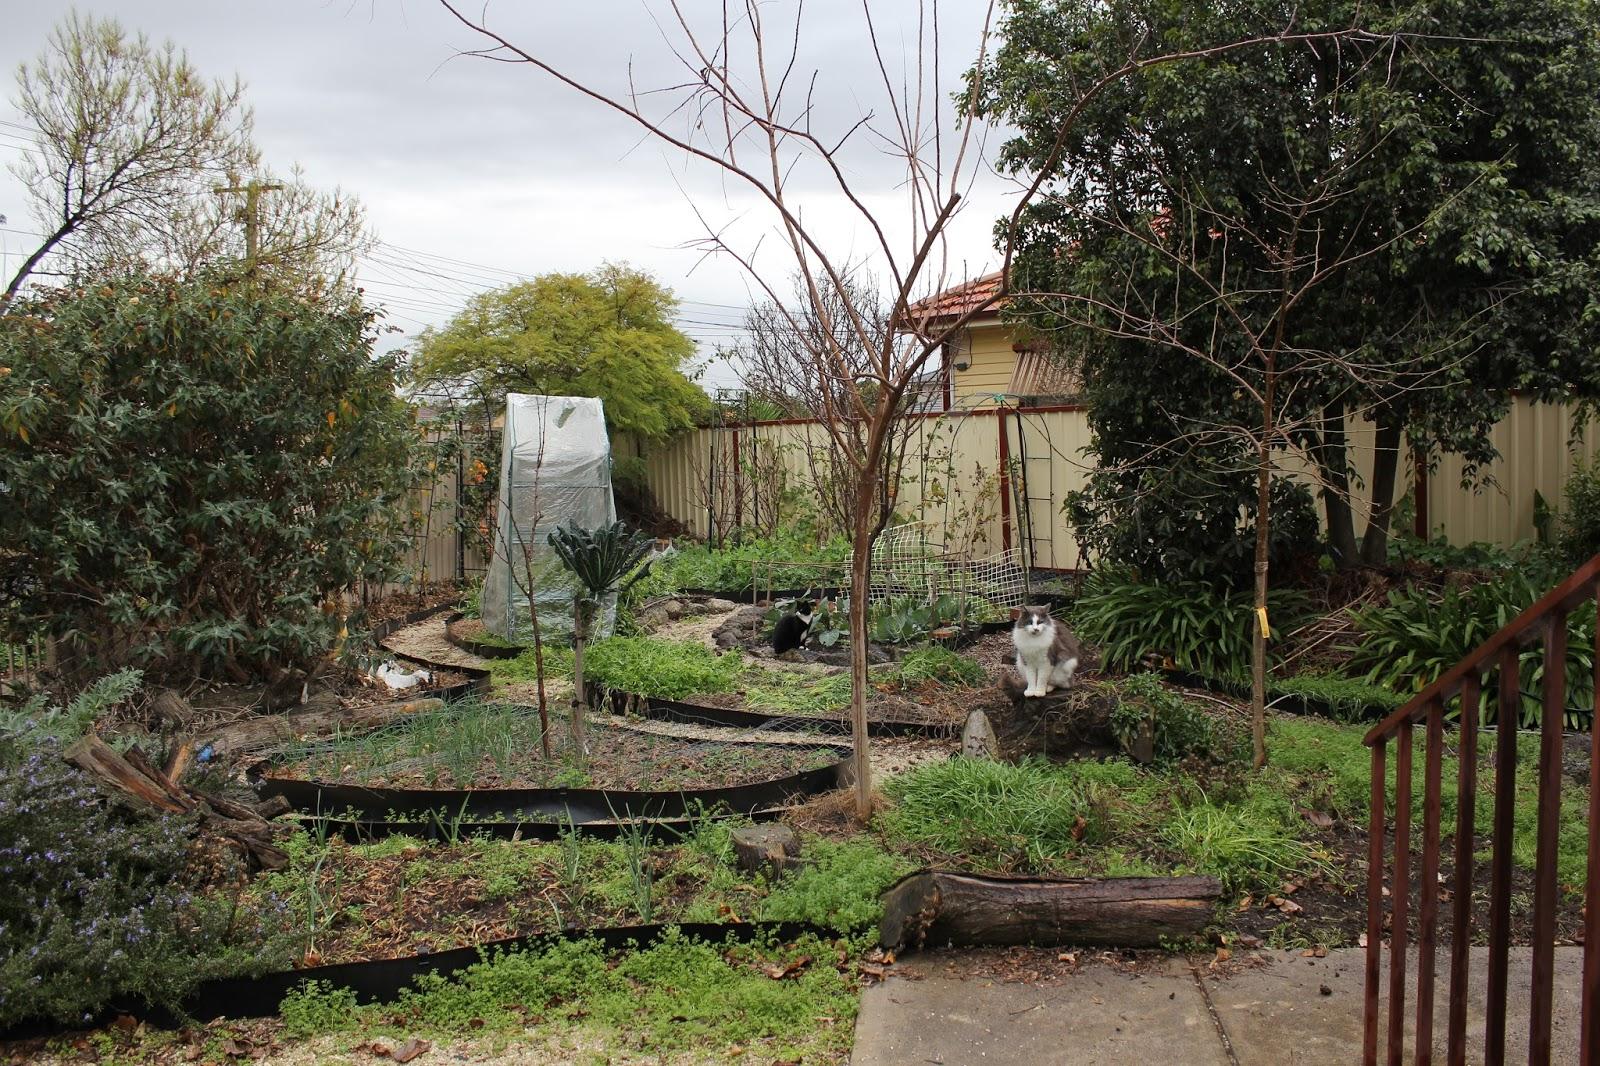 bek u0027s backyard garden share collective july